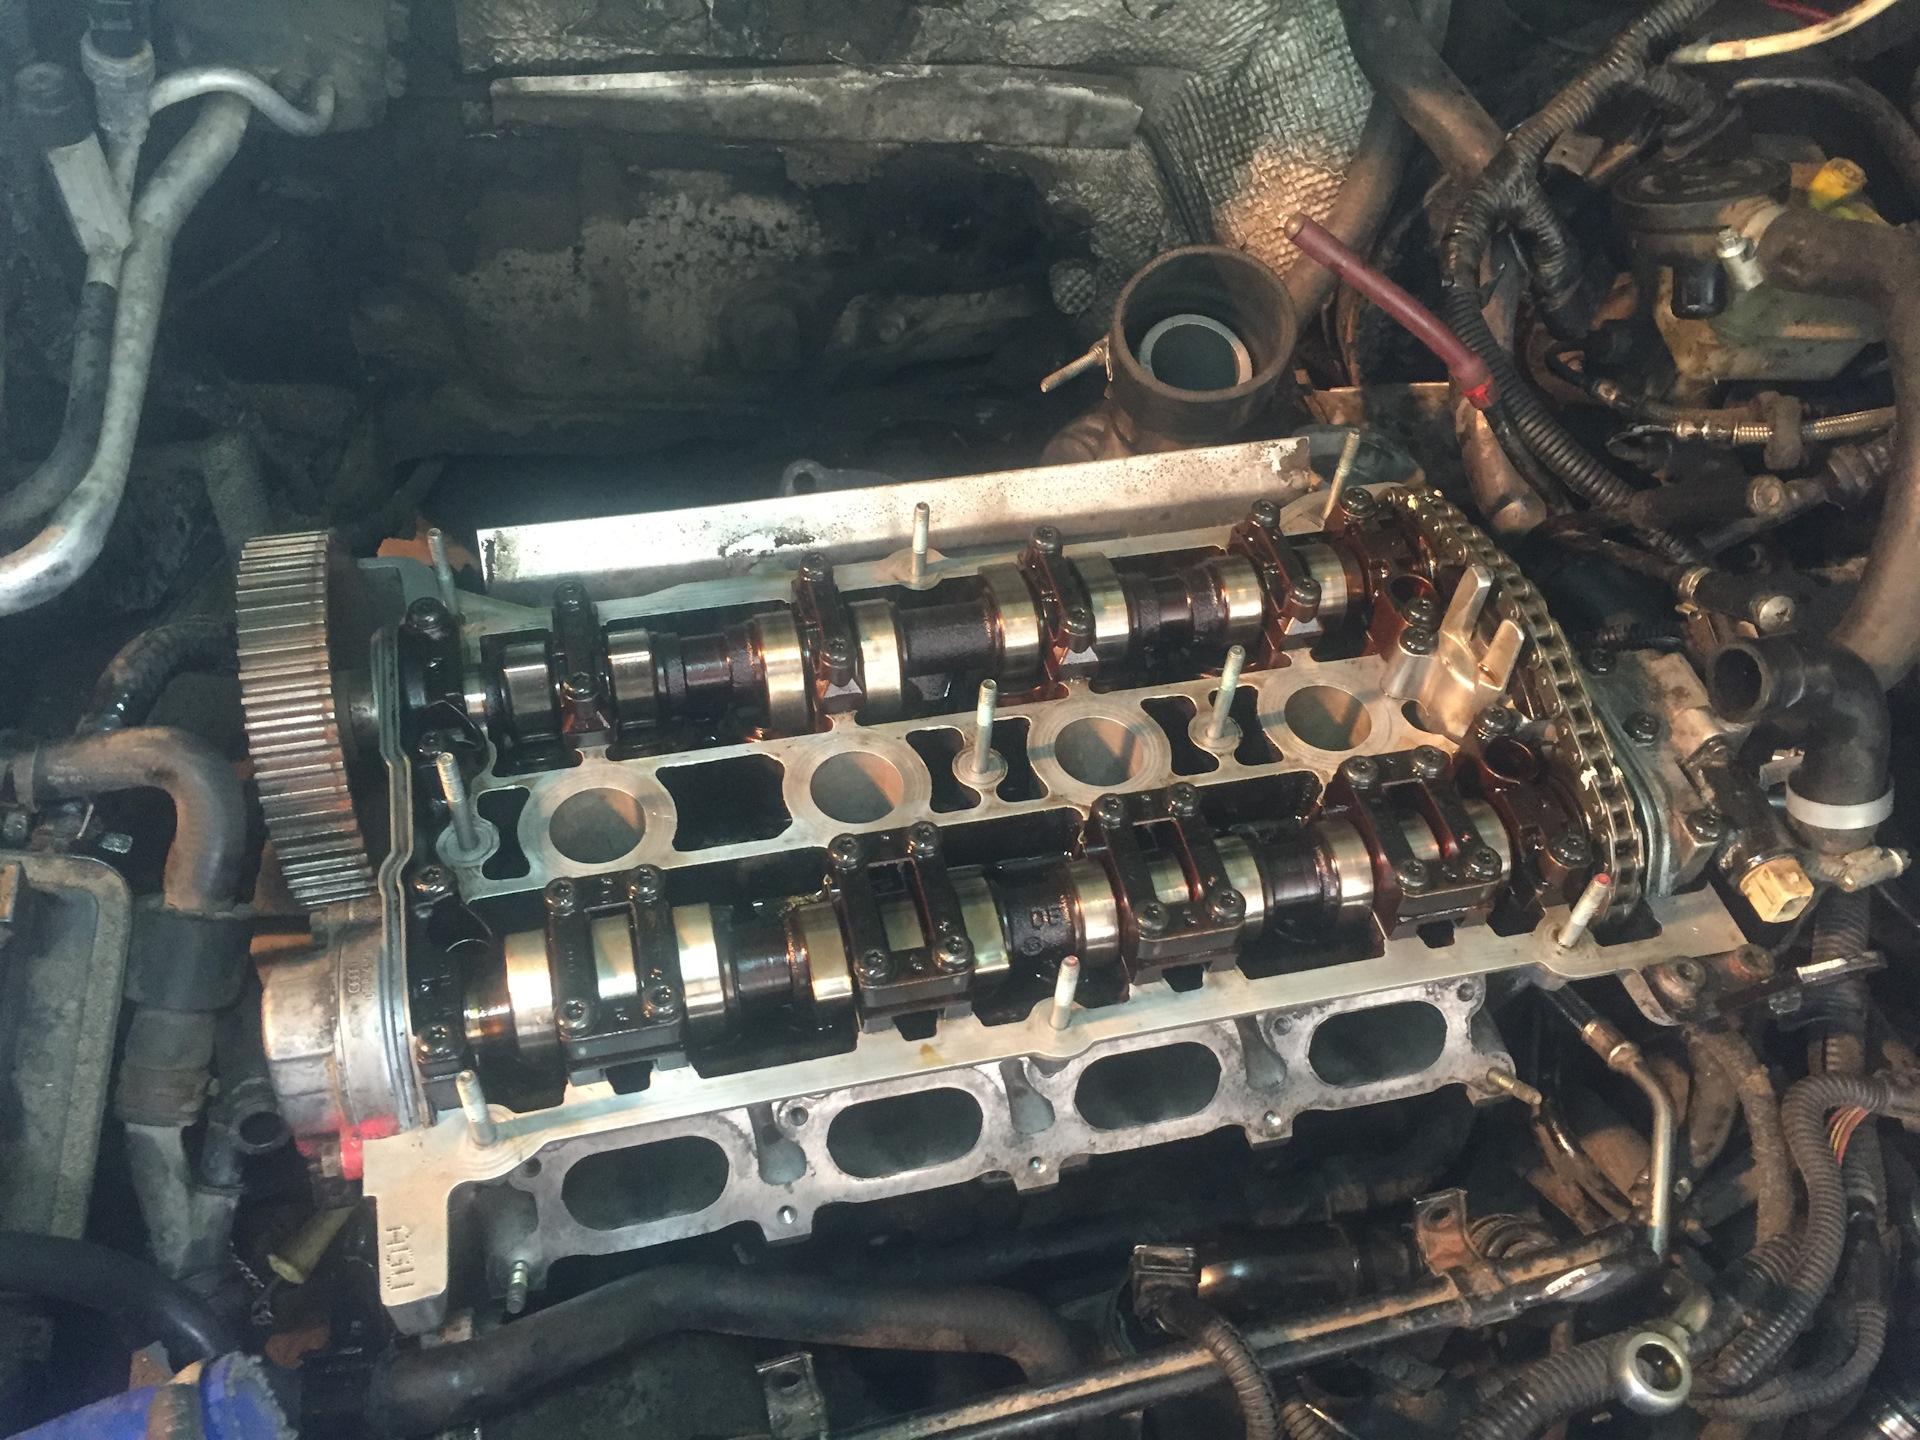 фольксваген гольф 4 двигатель 1.8-компрессия